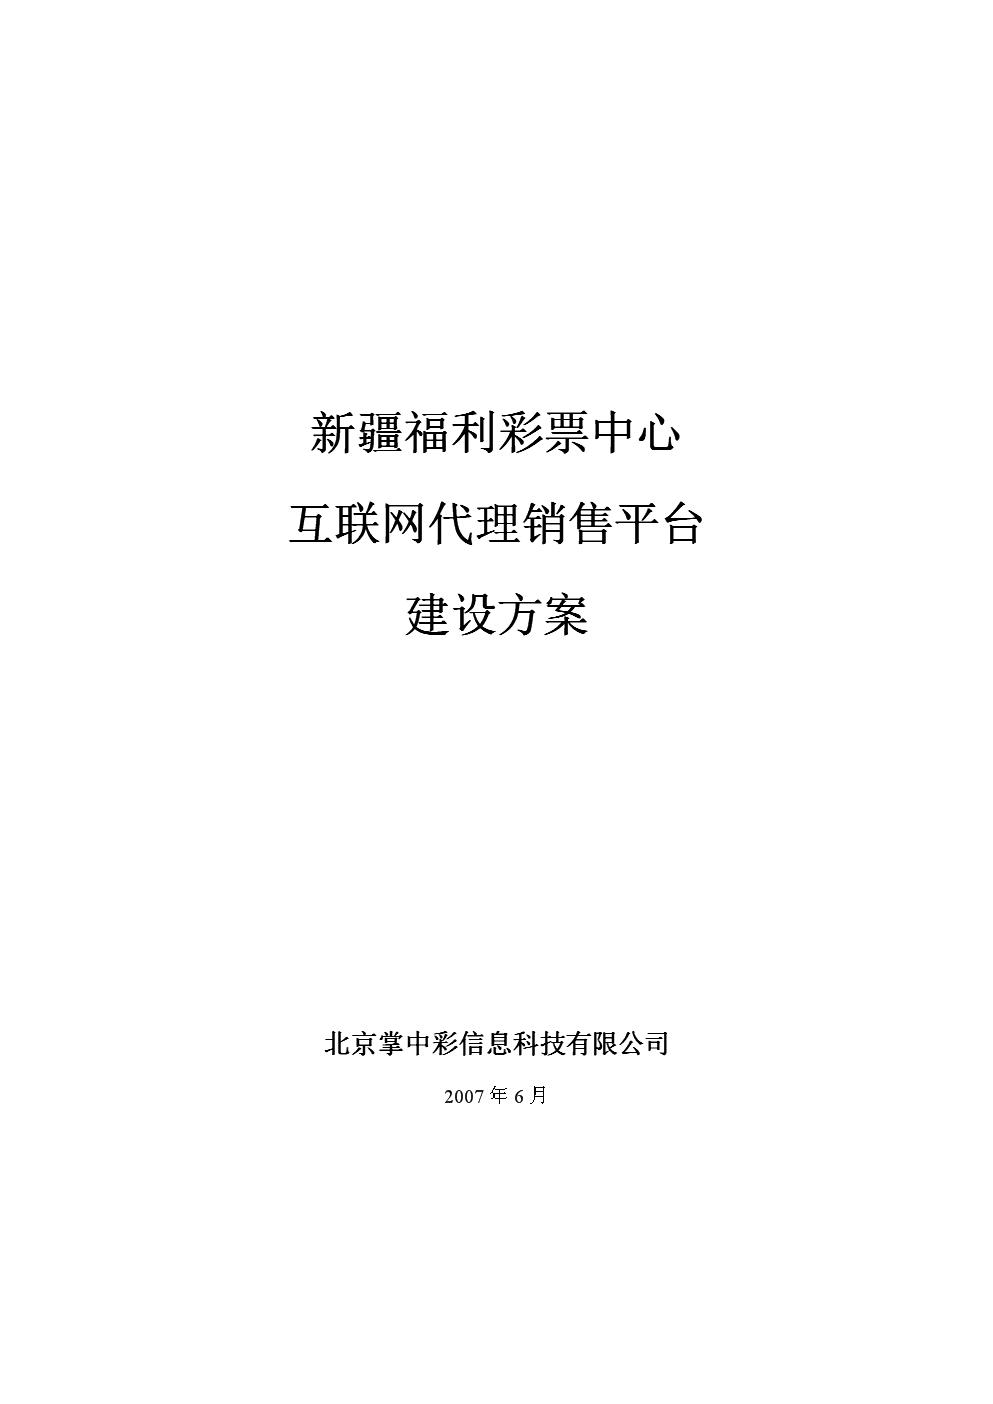 新 疆福利彩 票中心互联网代理销售平台建设方案.doc